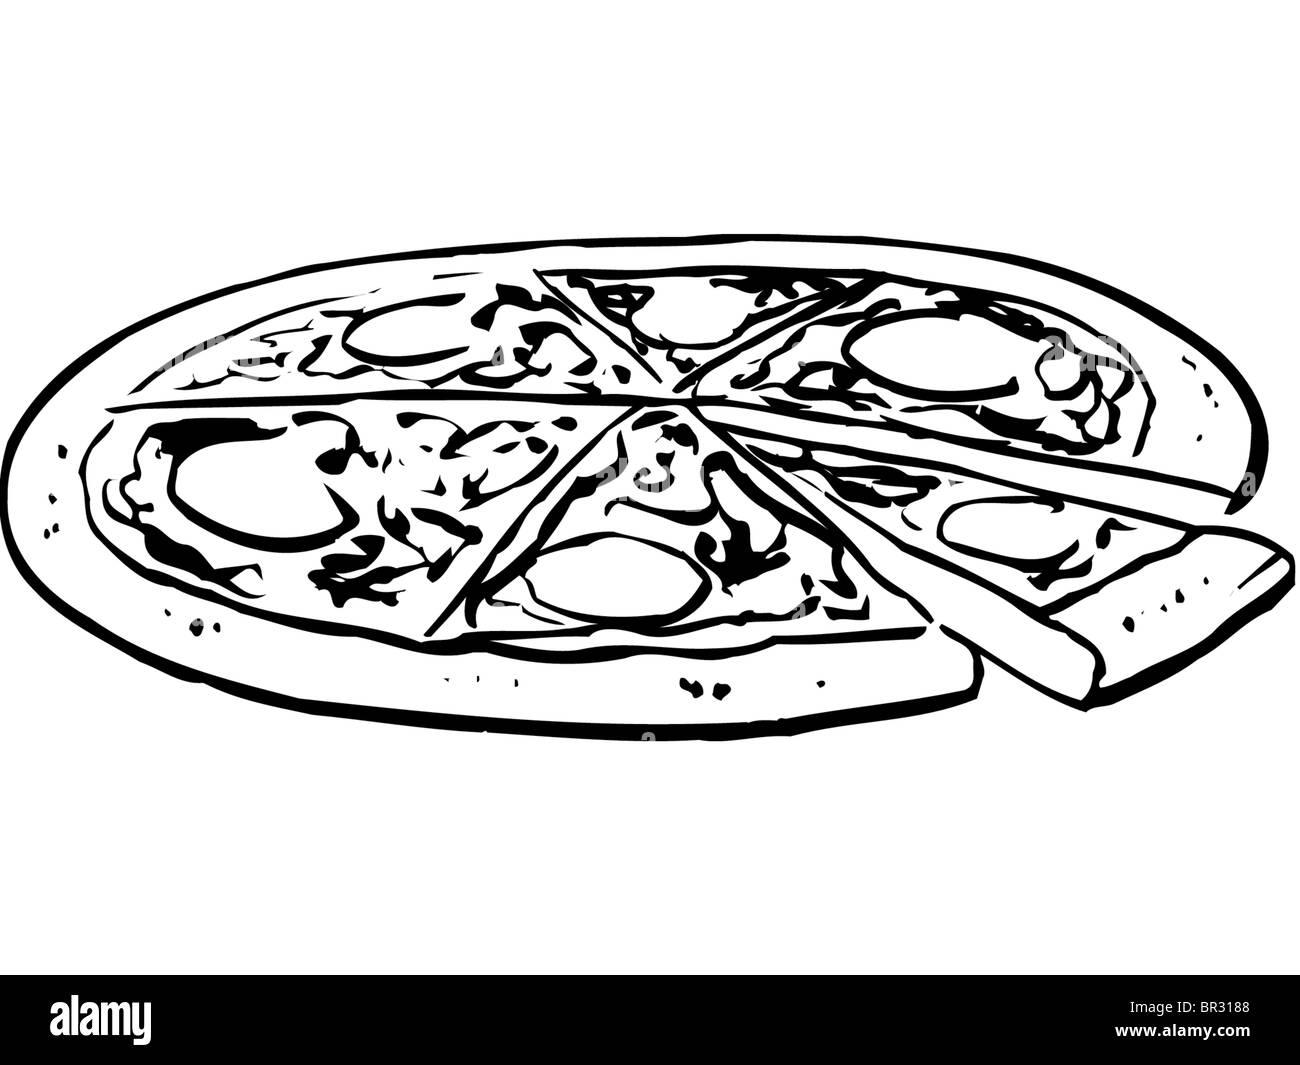 Ein Schwarz Weiß Darstellung Eine Ganze Pizza Stockfoto Bild